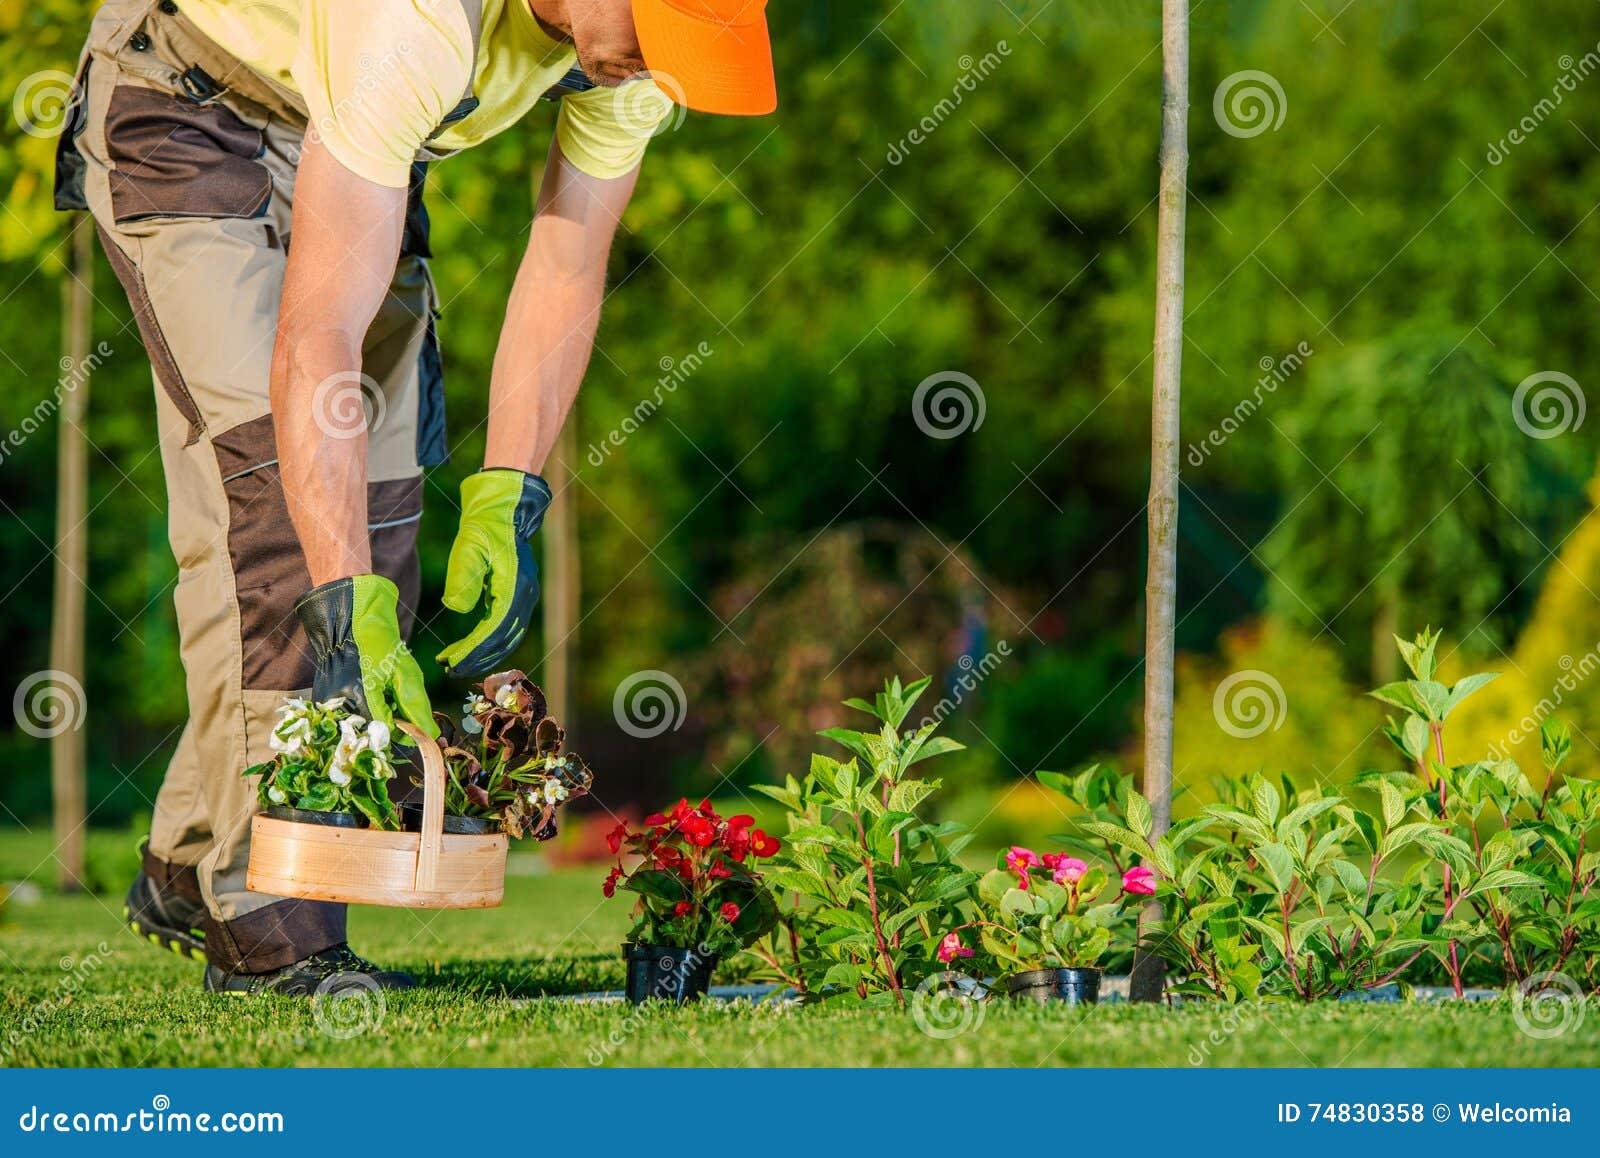 Jardinier plantant des fleurs